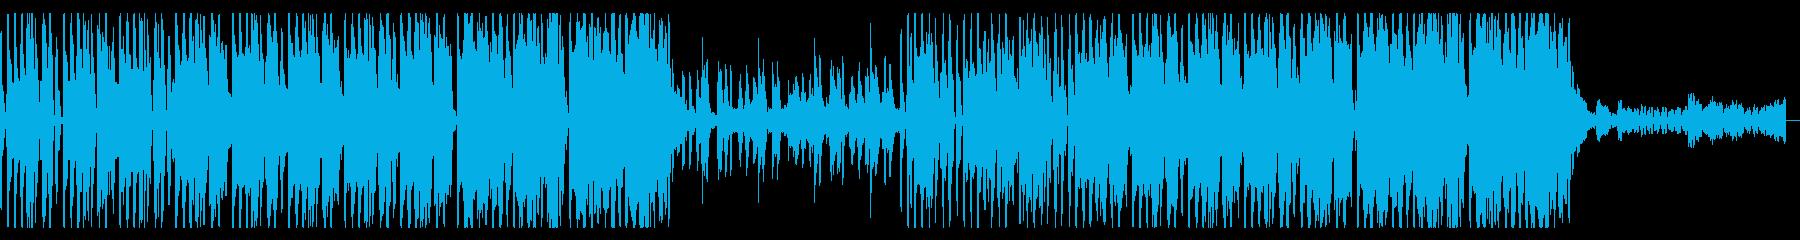 ダンサブルなエレクトロディスコ曲の再生済みの波形